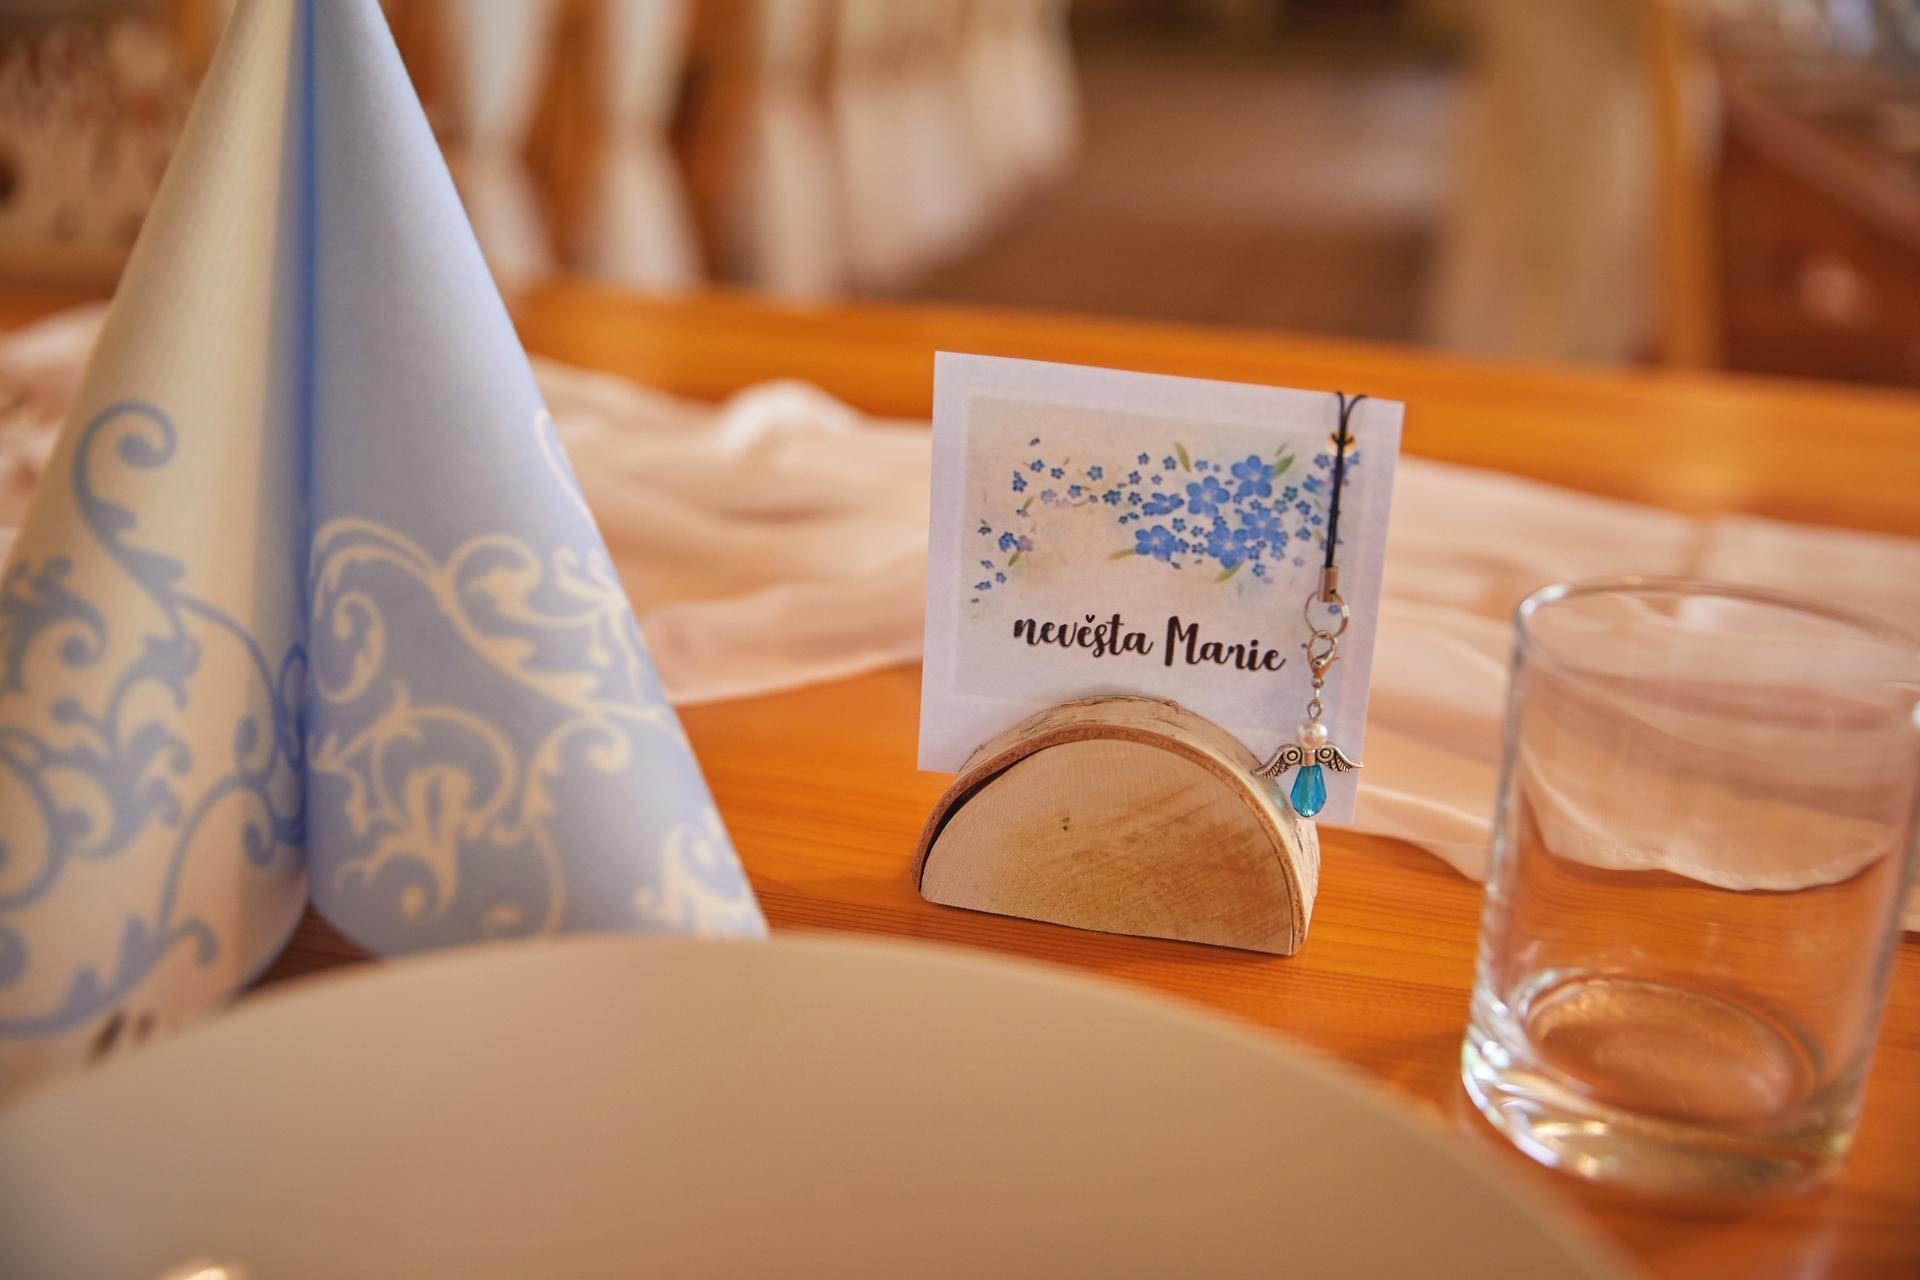 Svatba 6.6.2020 - Jmenovky odtud z bazárku, laminovačka a už to jelo! Andílky si mohli svatebčané odnést jako dáreček.